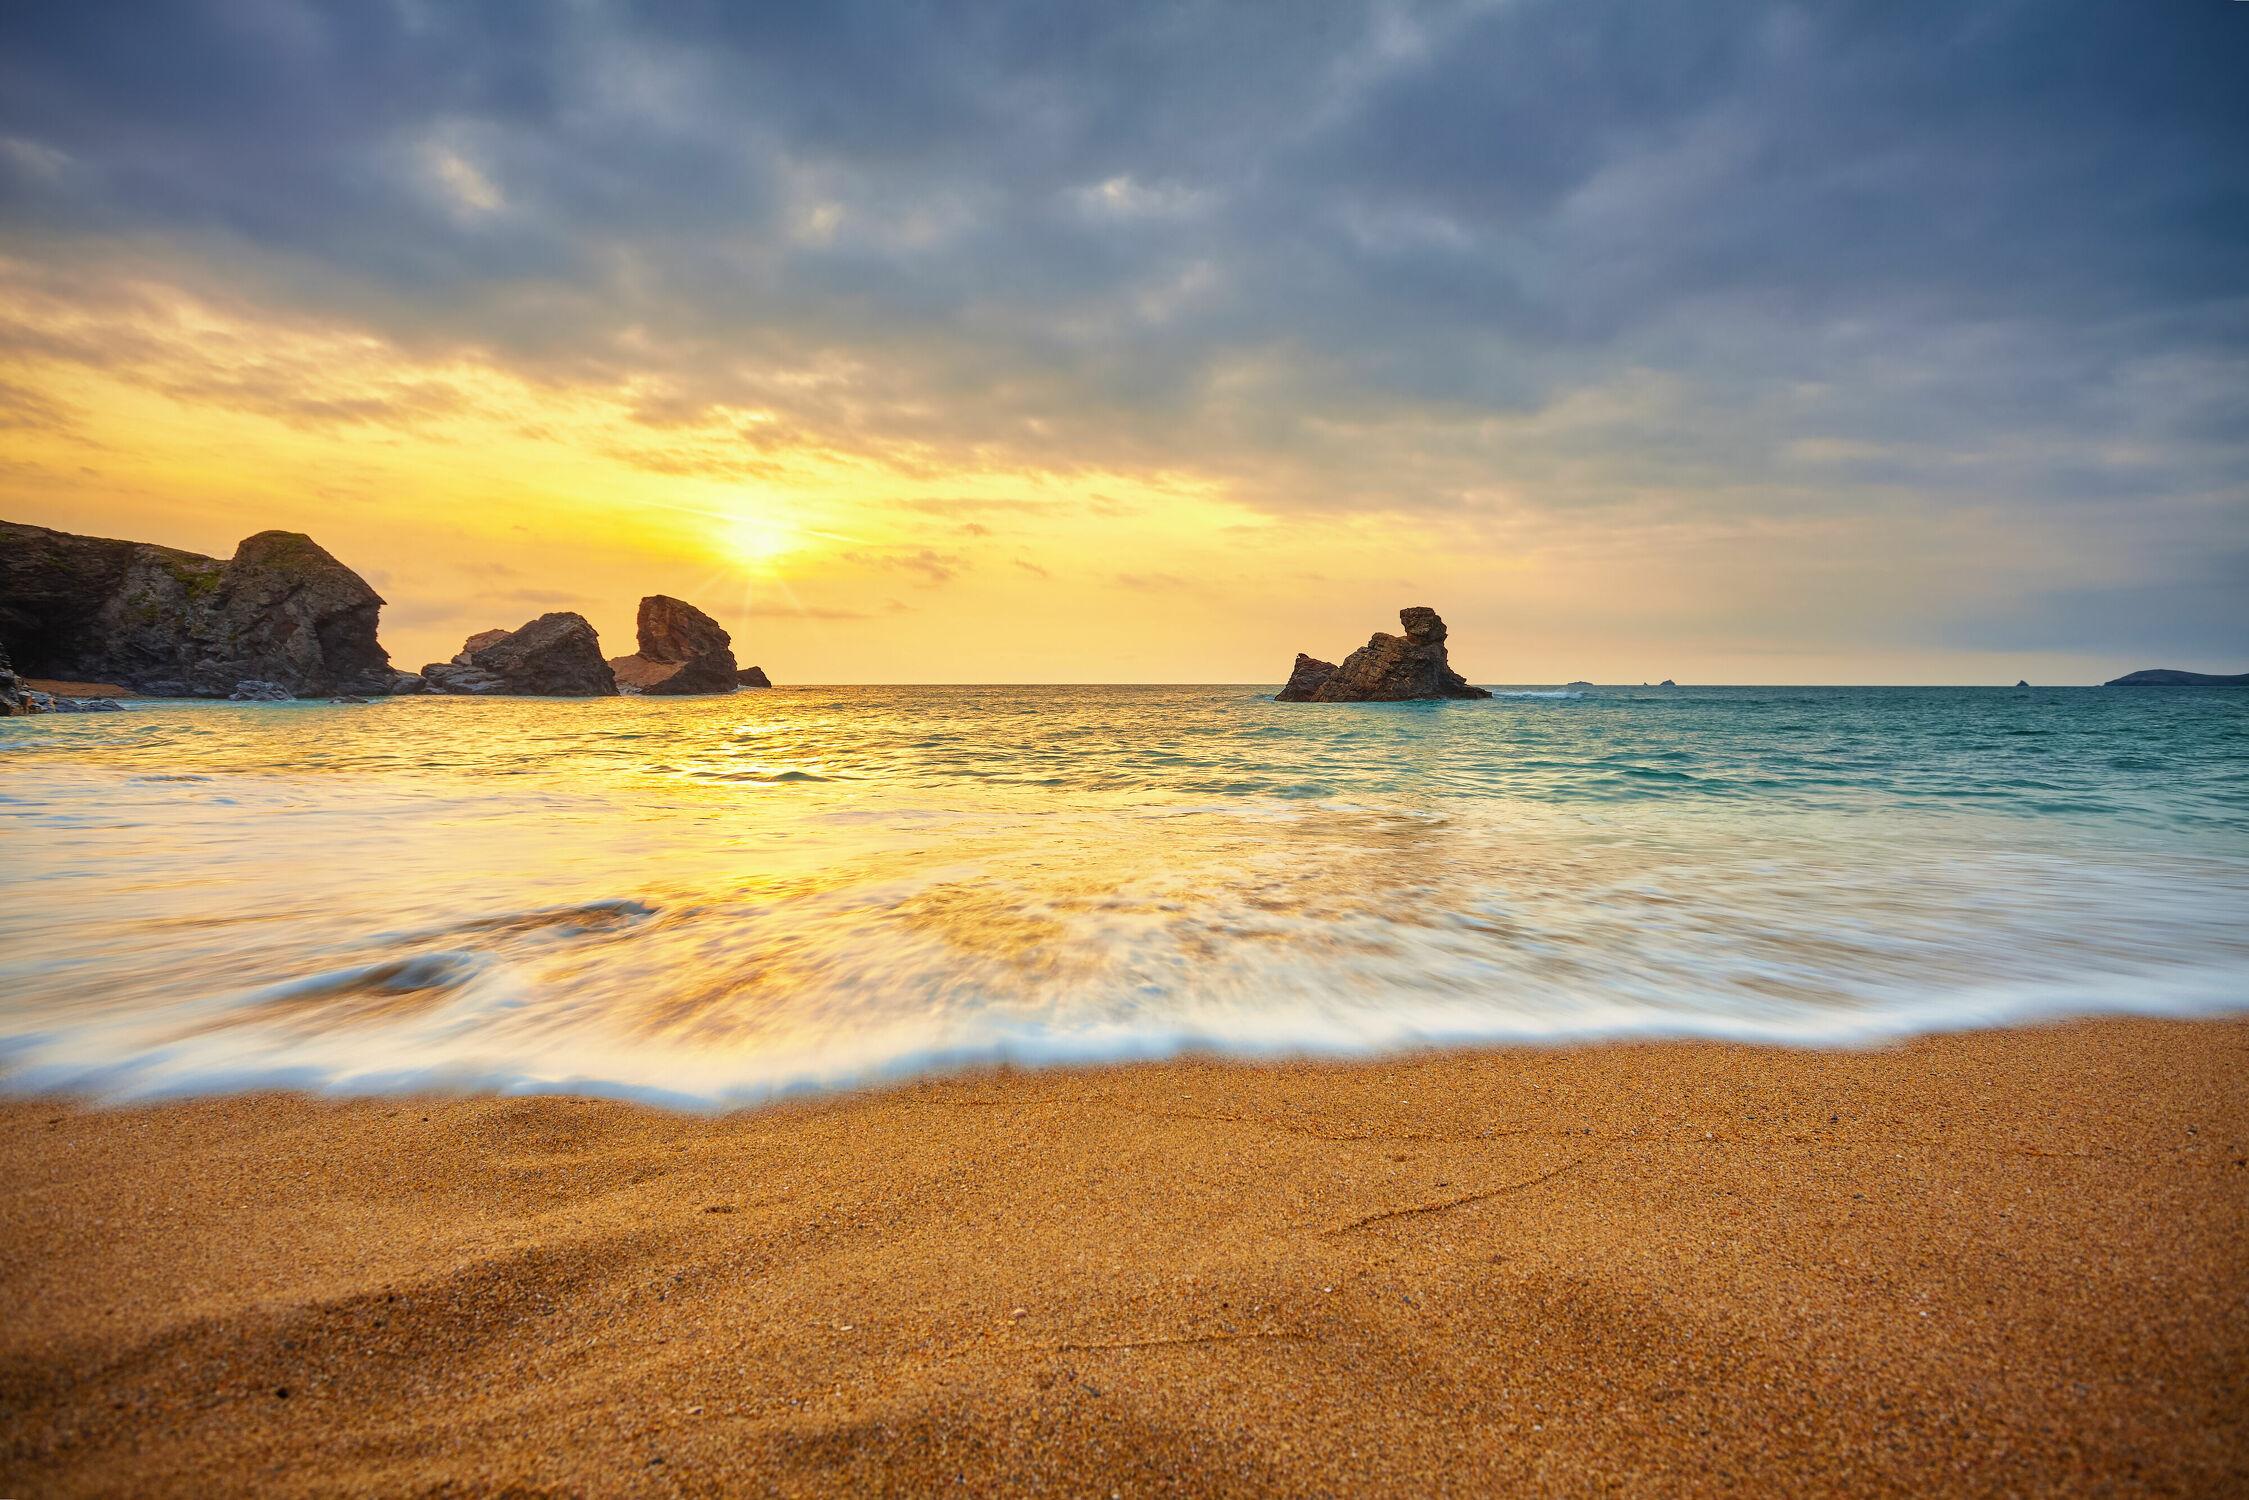 Bild mit Sand, Sonnenuntergang, Strand, England, Küste, Abend am Meer, großbritannien, Welle, Cornwall, porthcothan